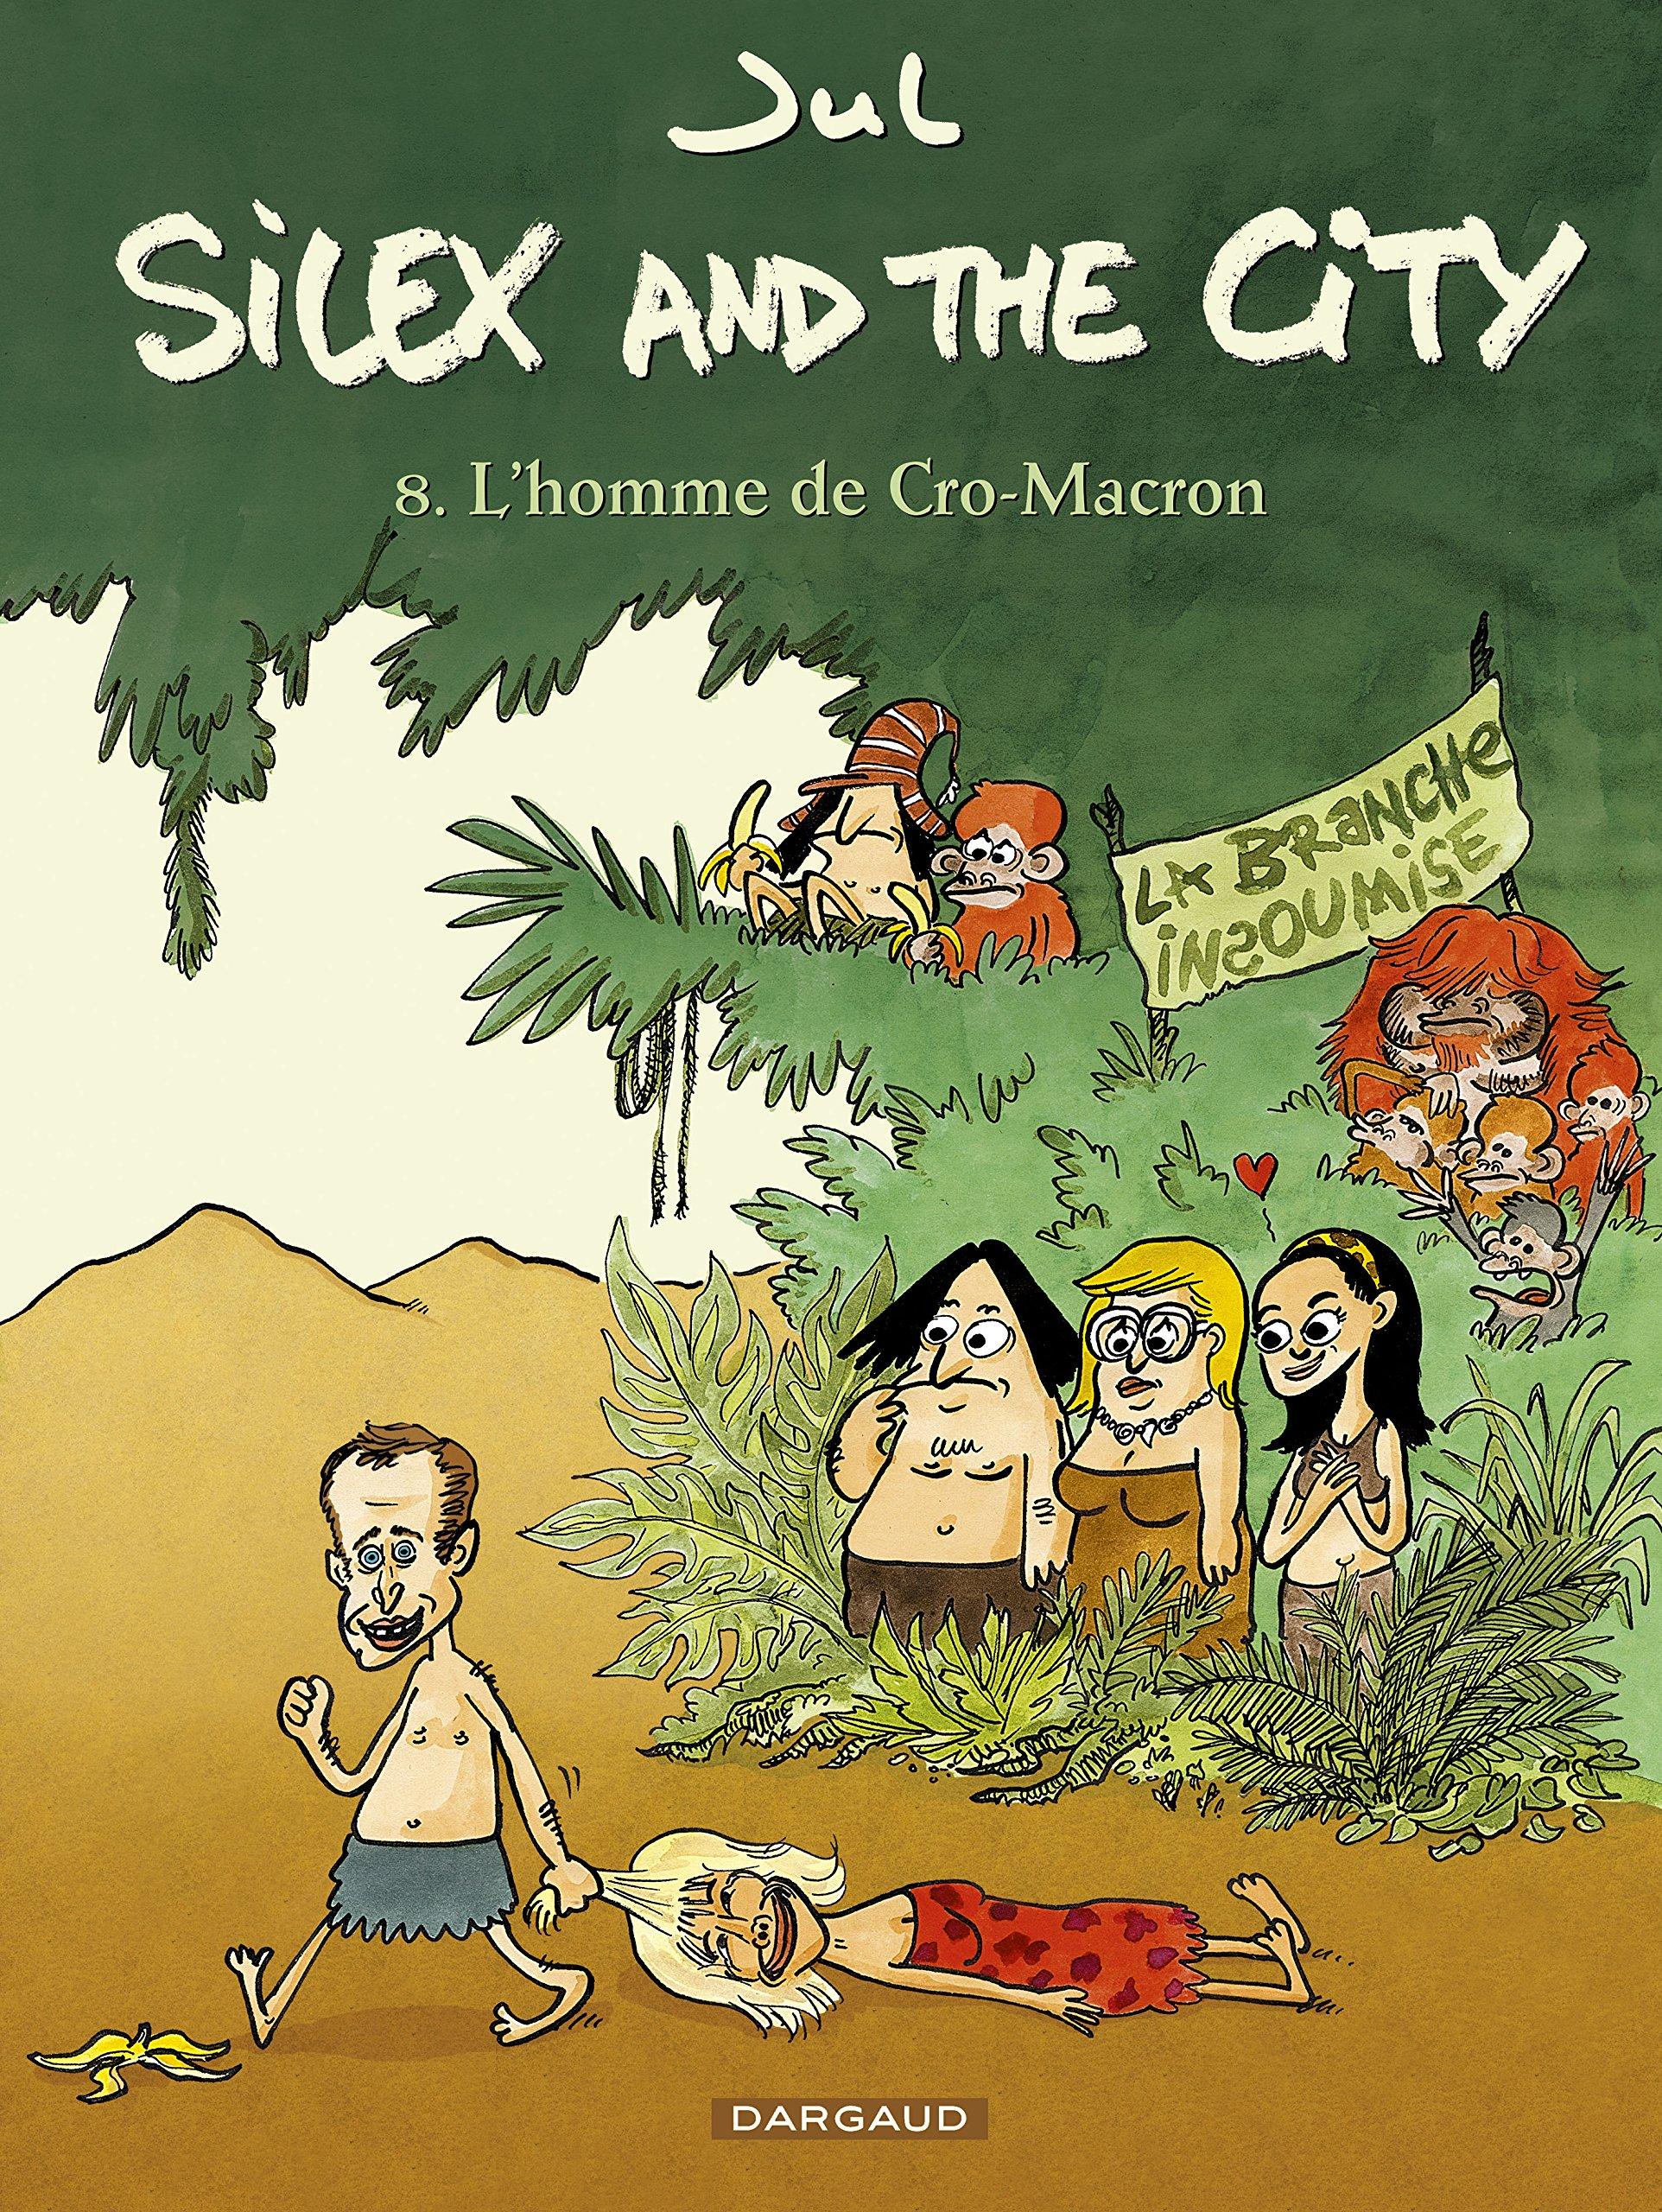 Silex and the city 8 - L'homme de Cro-Macron